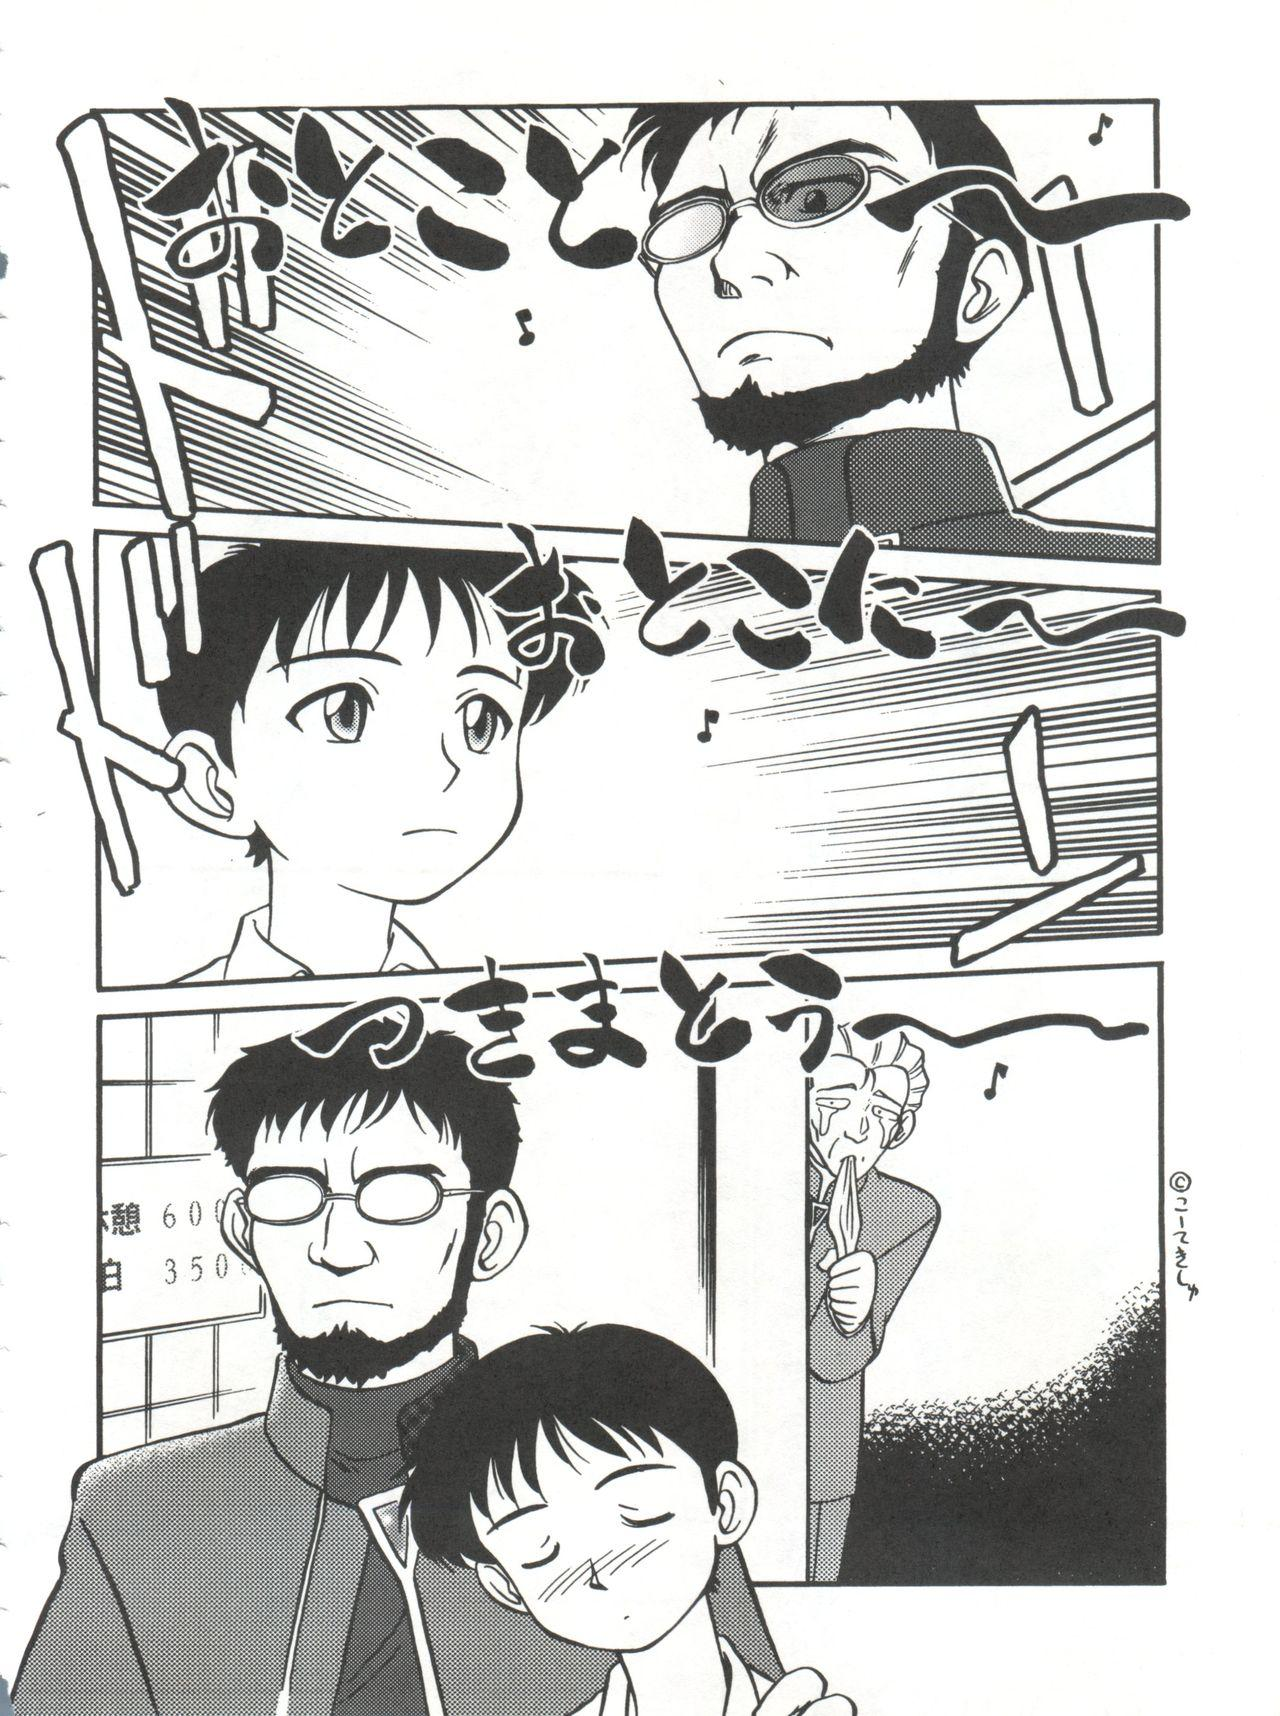 Mahou no Okusuri 32